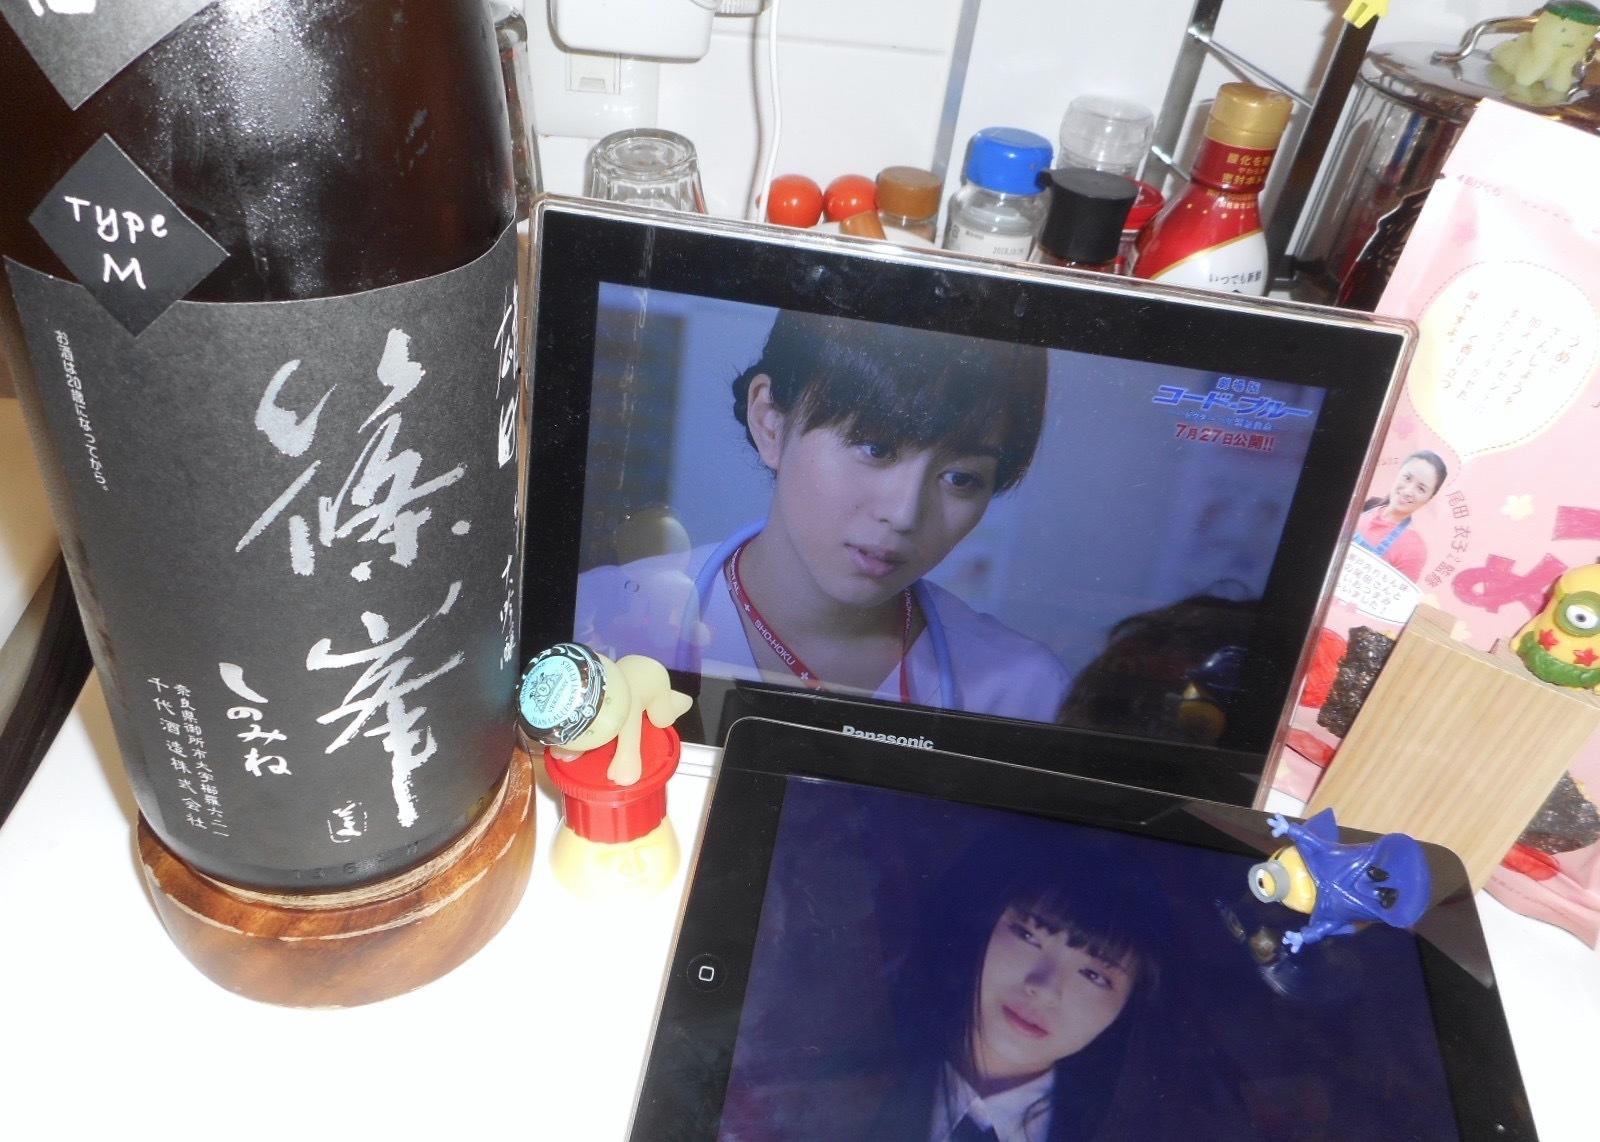 shinomine_typeM29by2_1.jpg